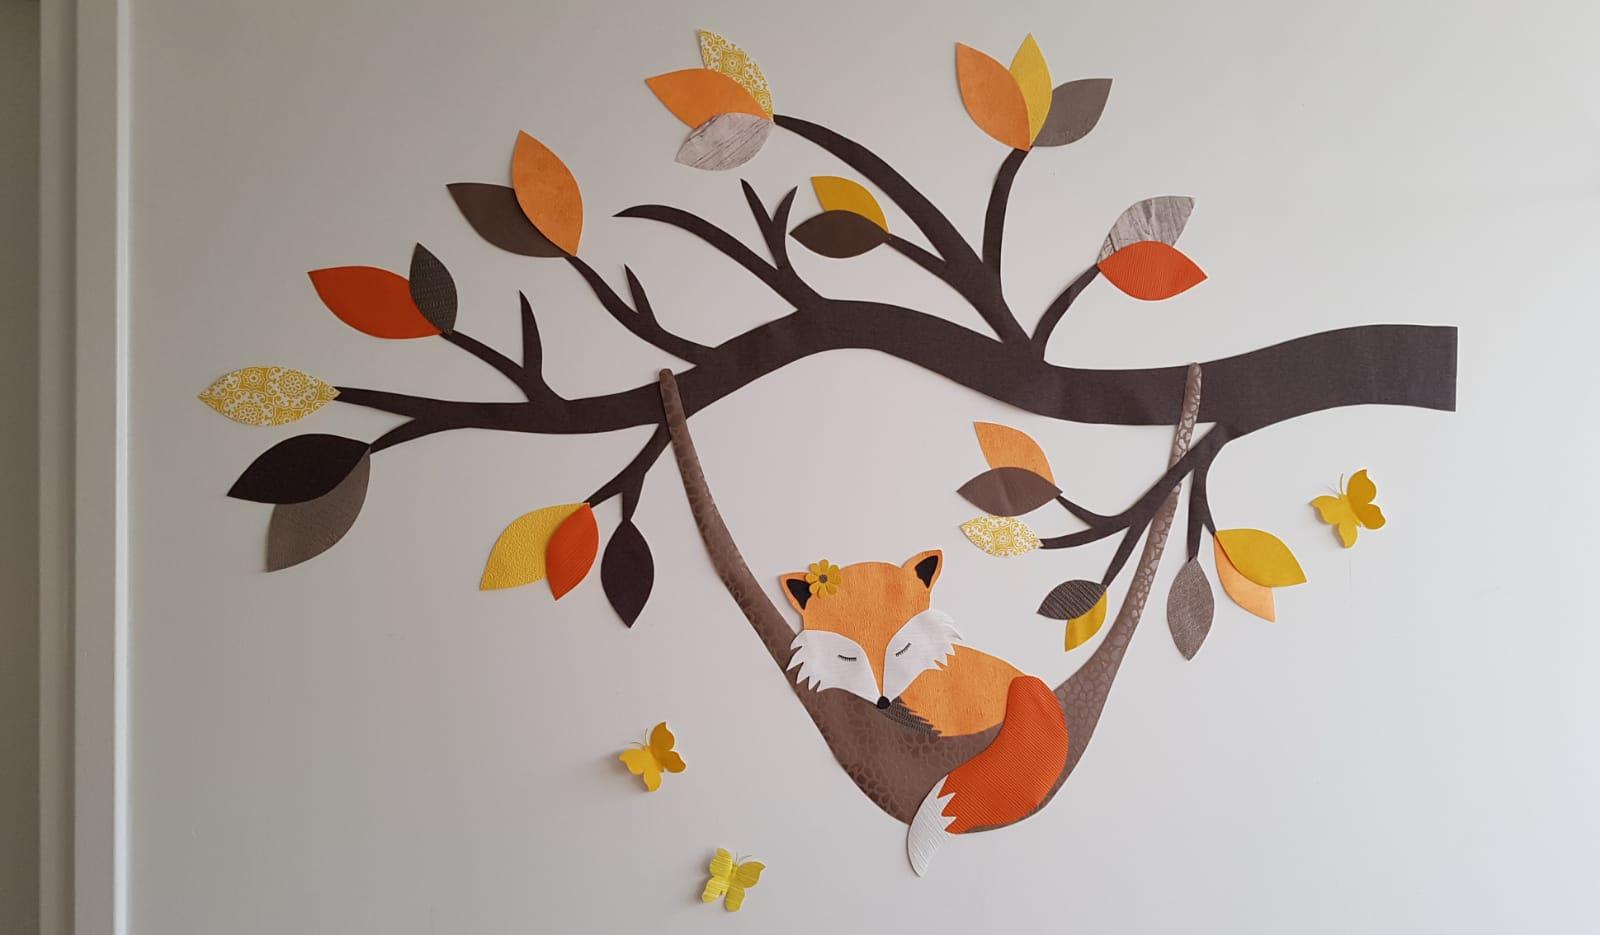 Vos in hangmat behangdecoratie muurdecoratie behangbeest babykamer kinderkamer bosdieren behangboom tak trend